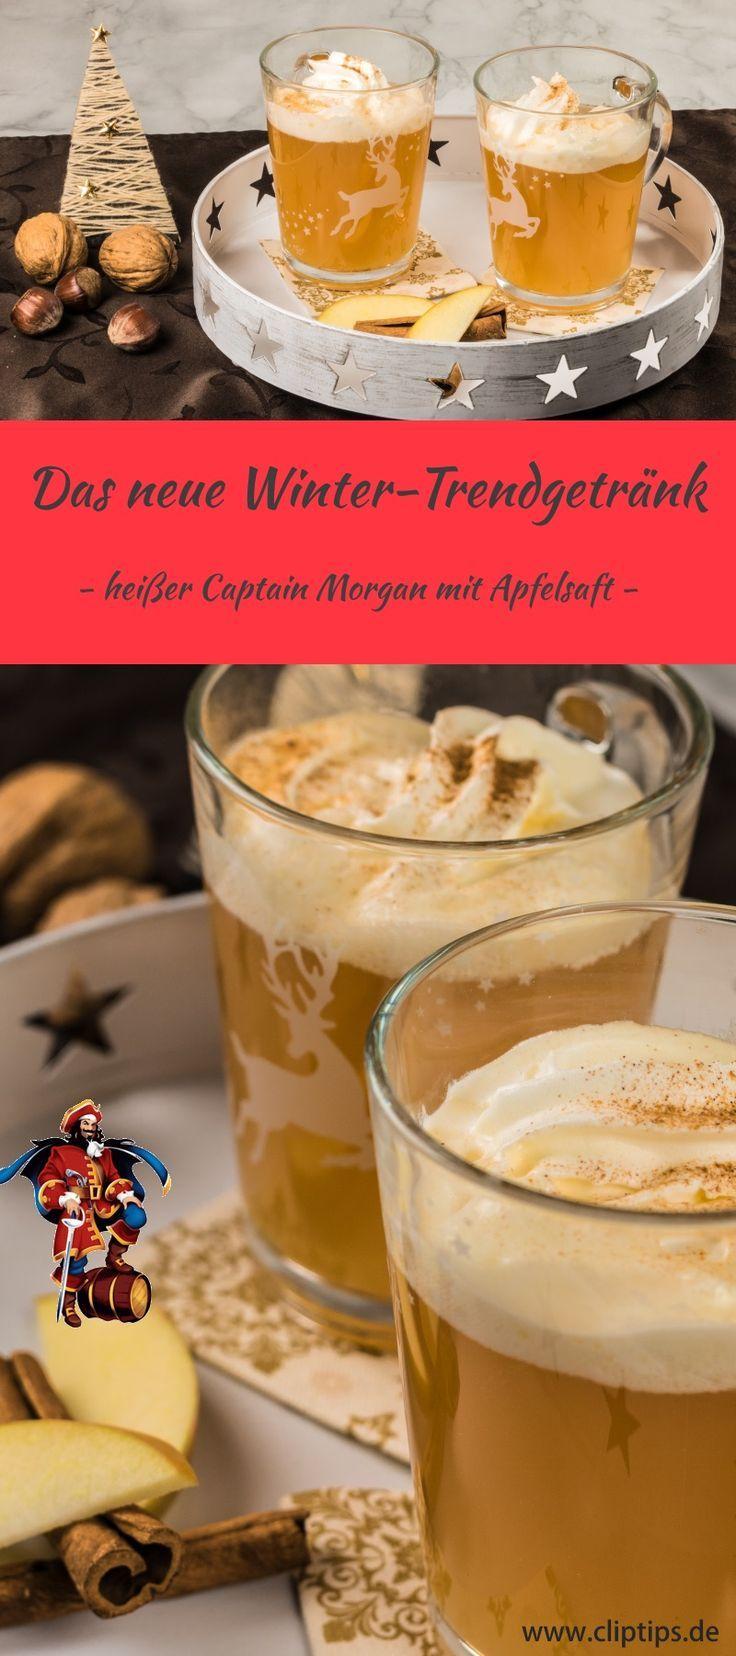 Heißer Captain Morgen Gewürz-Rum mit fruchtigem naturtrüben Apfelsaft, dekoriert mit leckerer Zimt-Sahne - einfach köstlich Probiert gleich das Rezept aus und genießt den Winter und die Adventszeit mit einer tollen Alternative zum langweiligen Glühwein. #advent #weihnachten #glühwein #Punsch #rezept